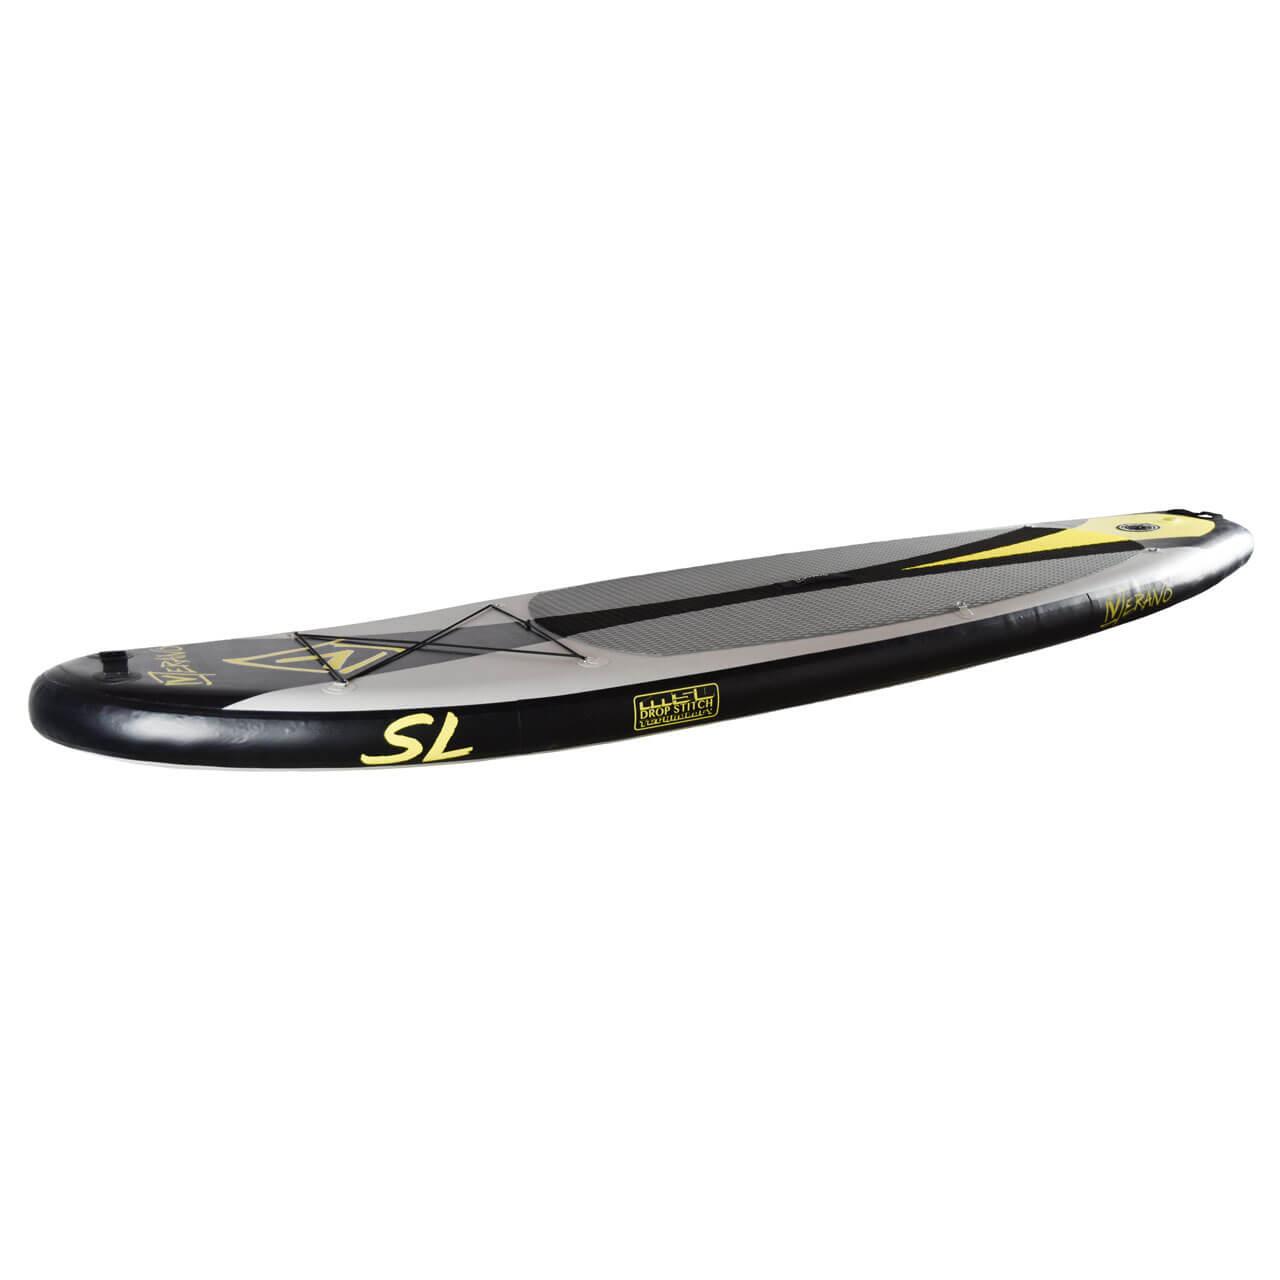 Verano SUP 10.6 SL - Paddle Board